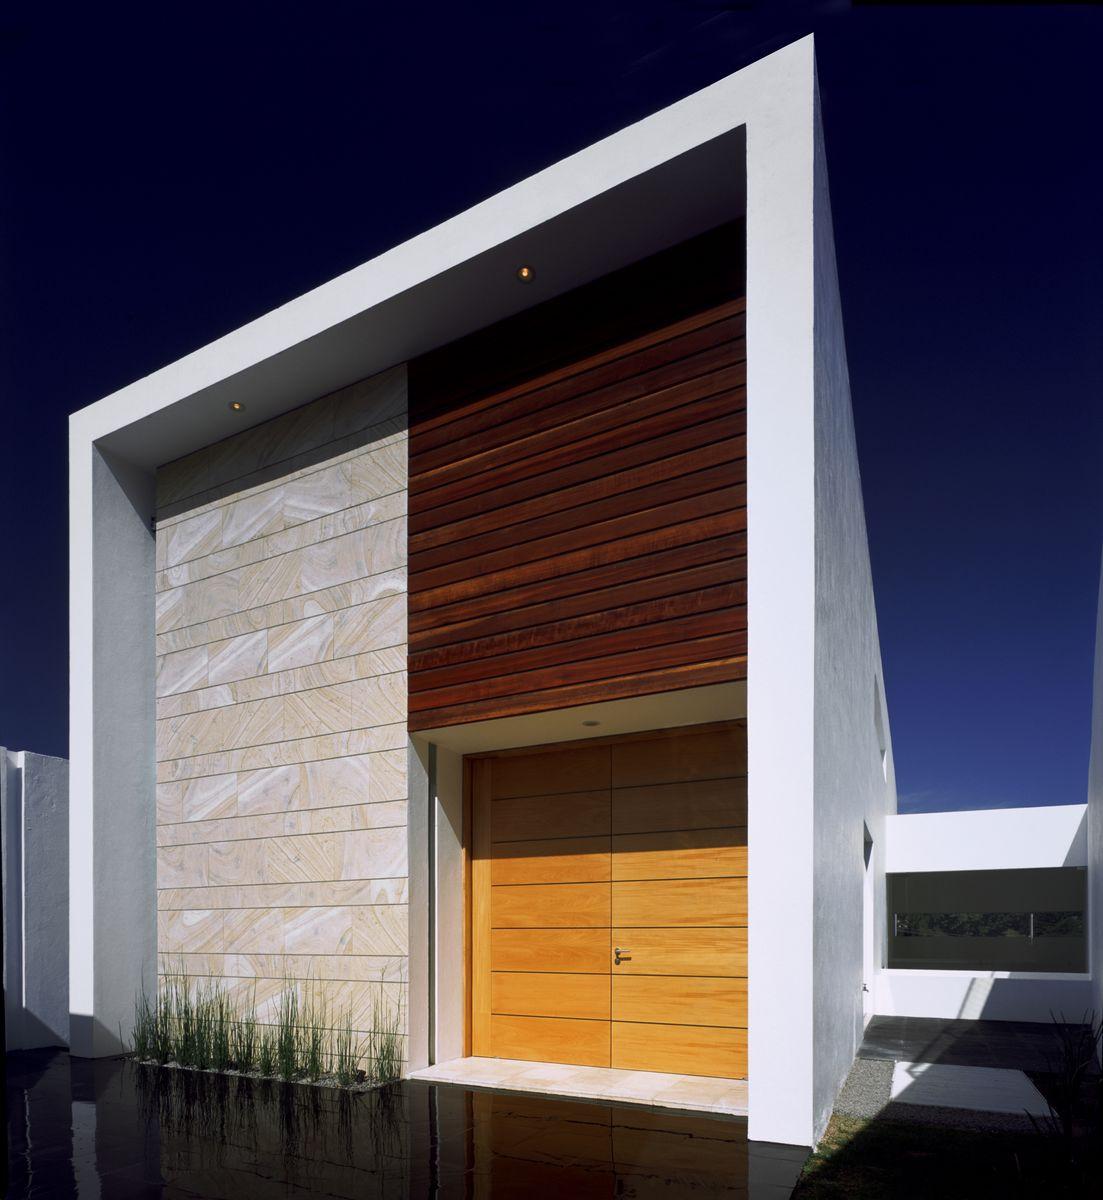 Casas minimalistas casa cubo for Casa cubo minimalista